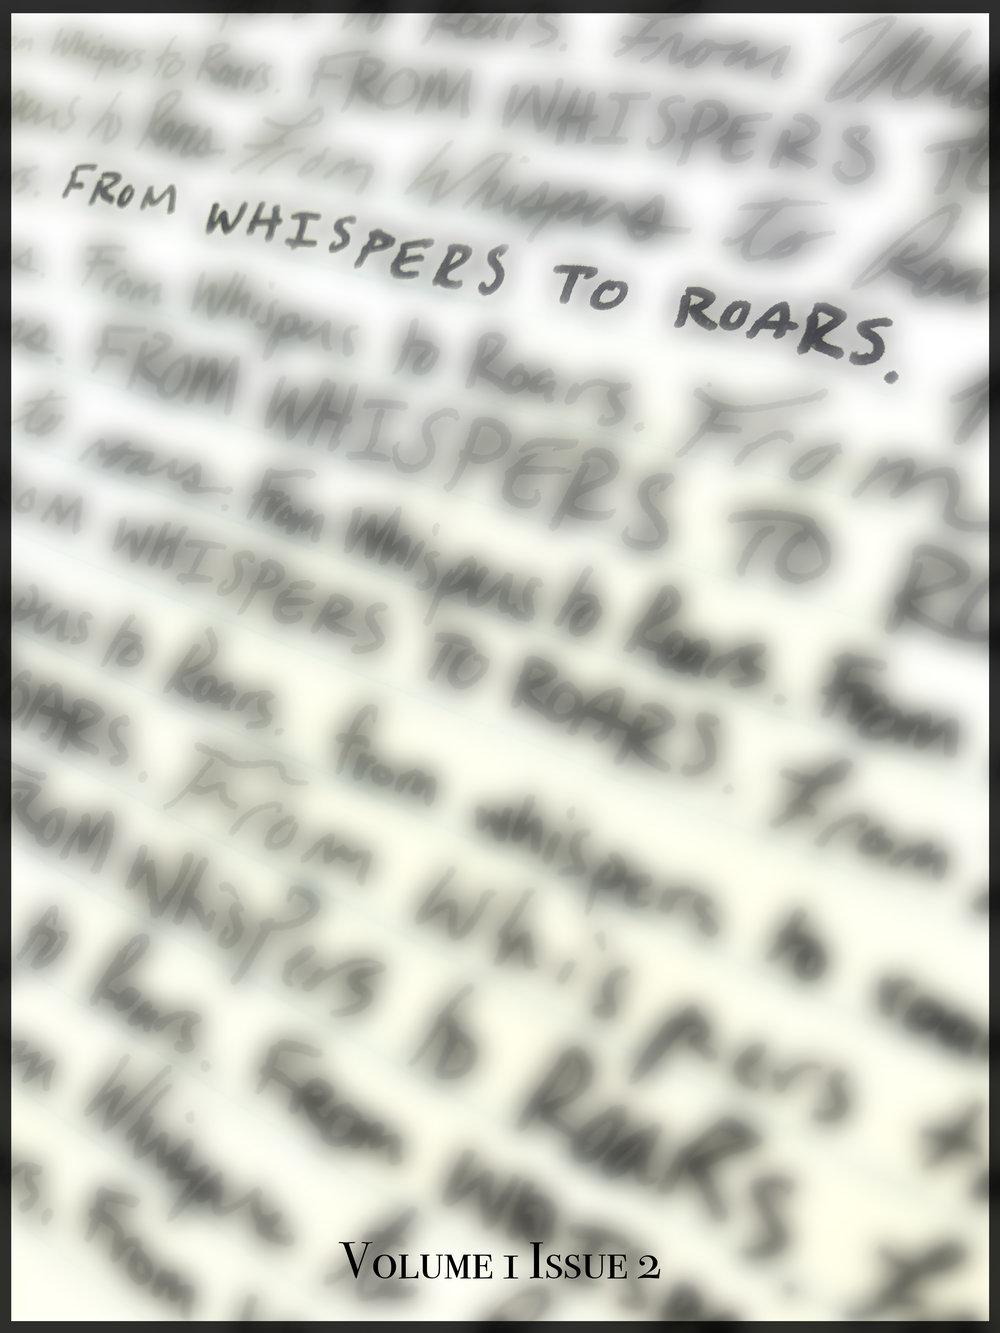 www.fromwhisperstoroars.com_FromWhisperstoRoars_Denver_Magazine_Litmag_Issue2Cover.jpg